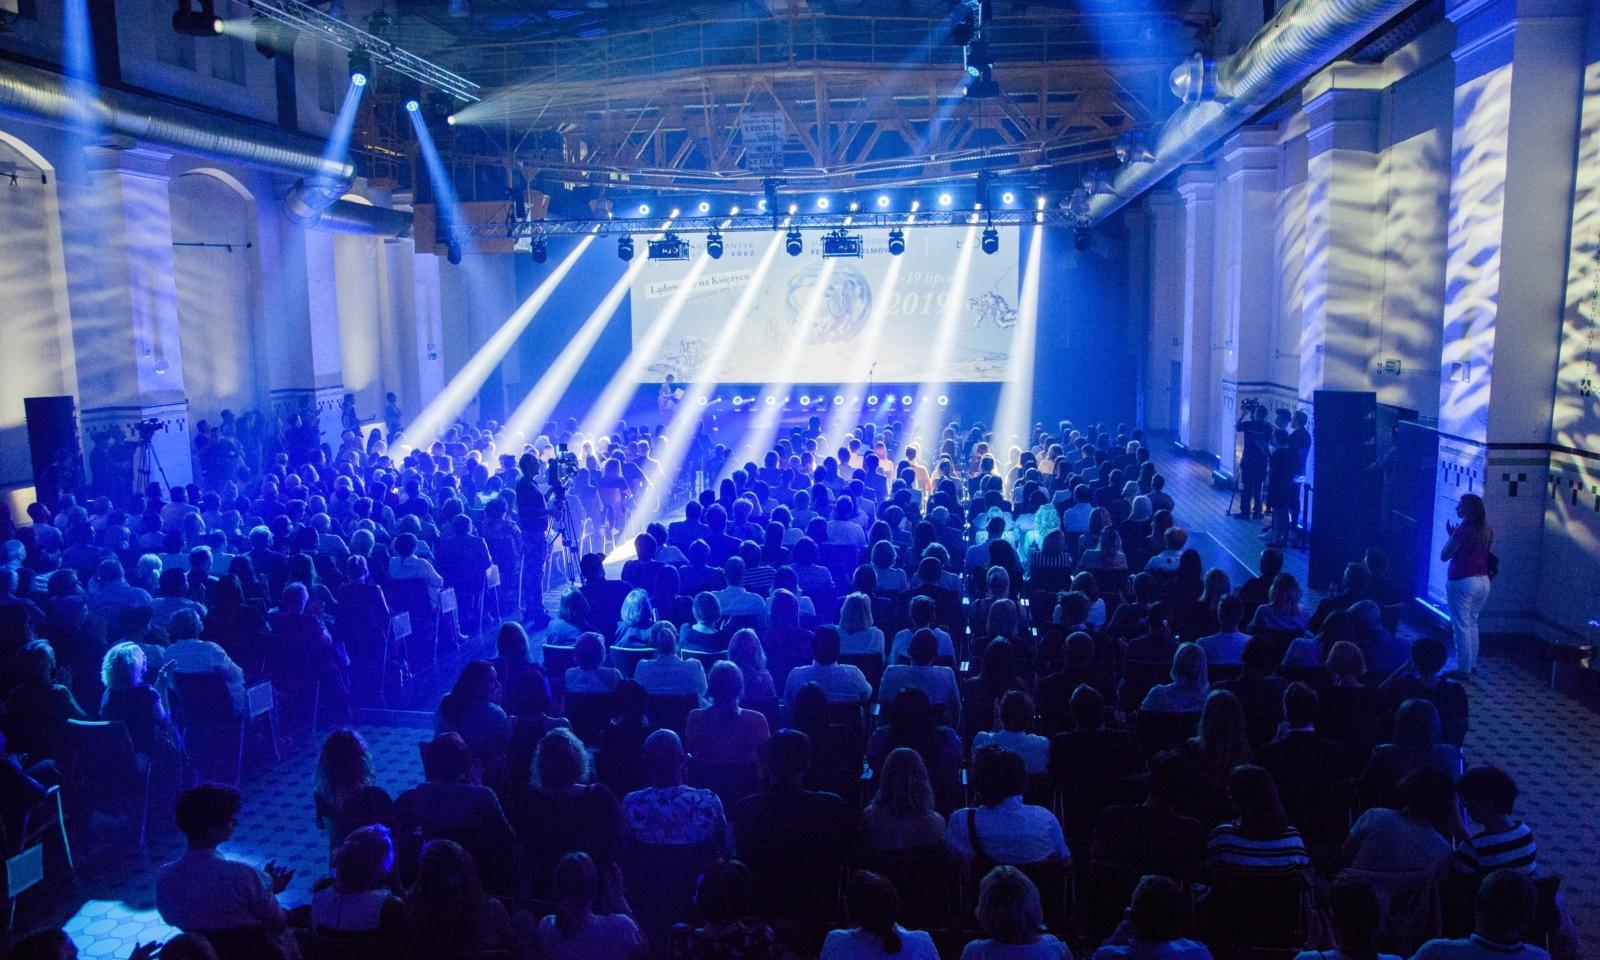 Festiwal Transatlantyk 2019 Brill AV Media